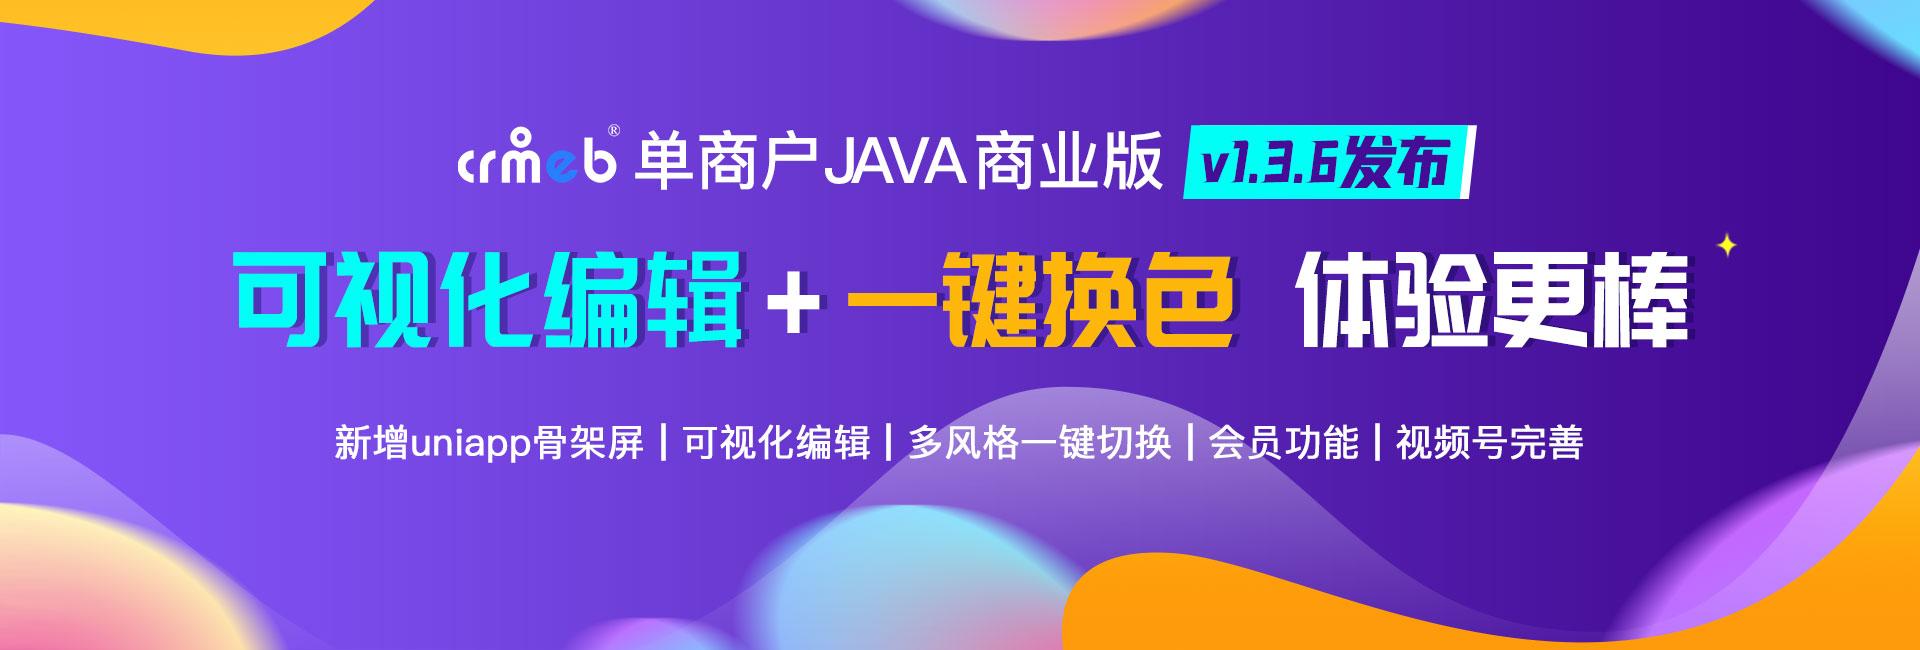 微信小程序源码Java商城系统uniapp商城直播拼团秒杀分销-创印技术代理